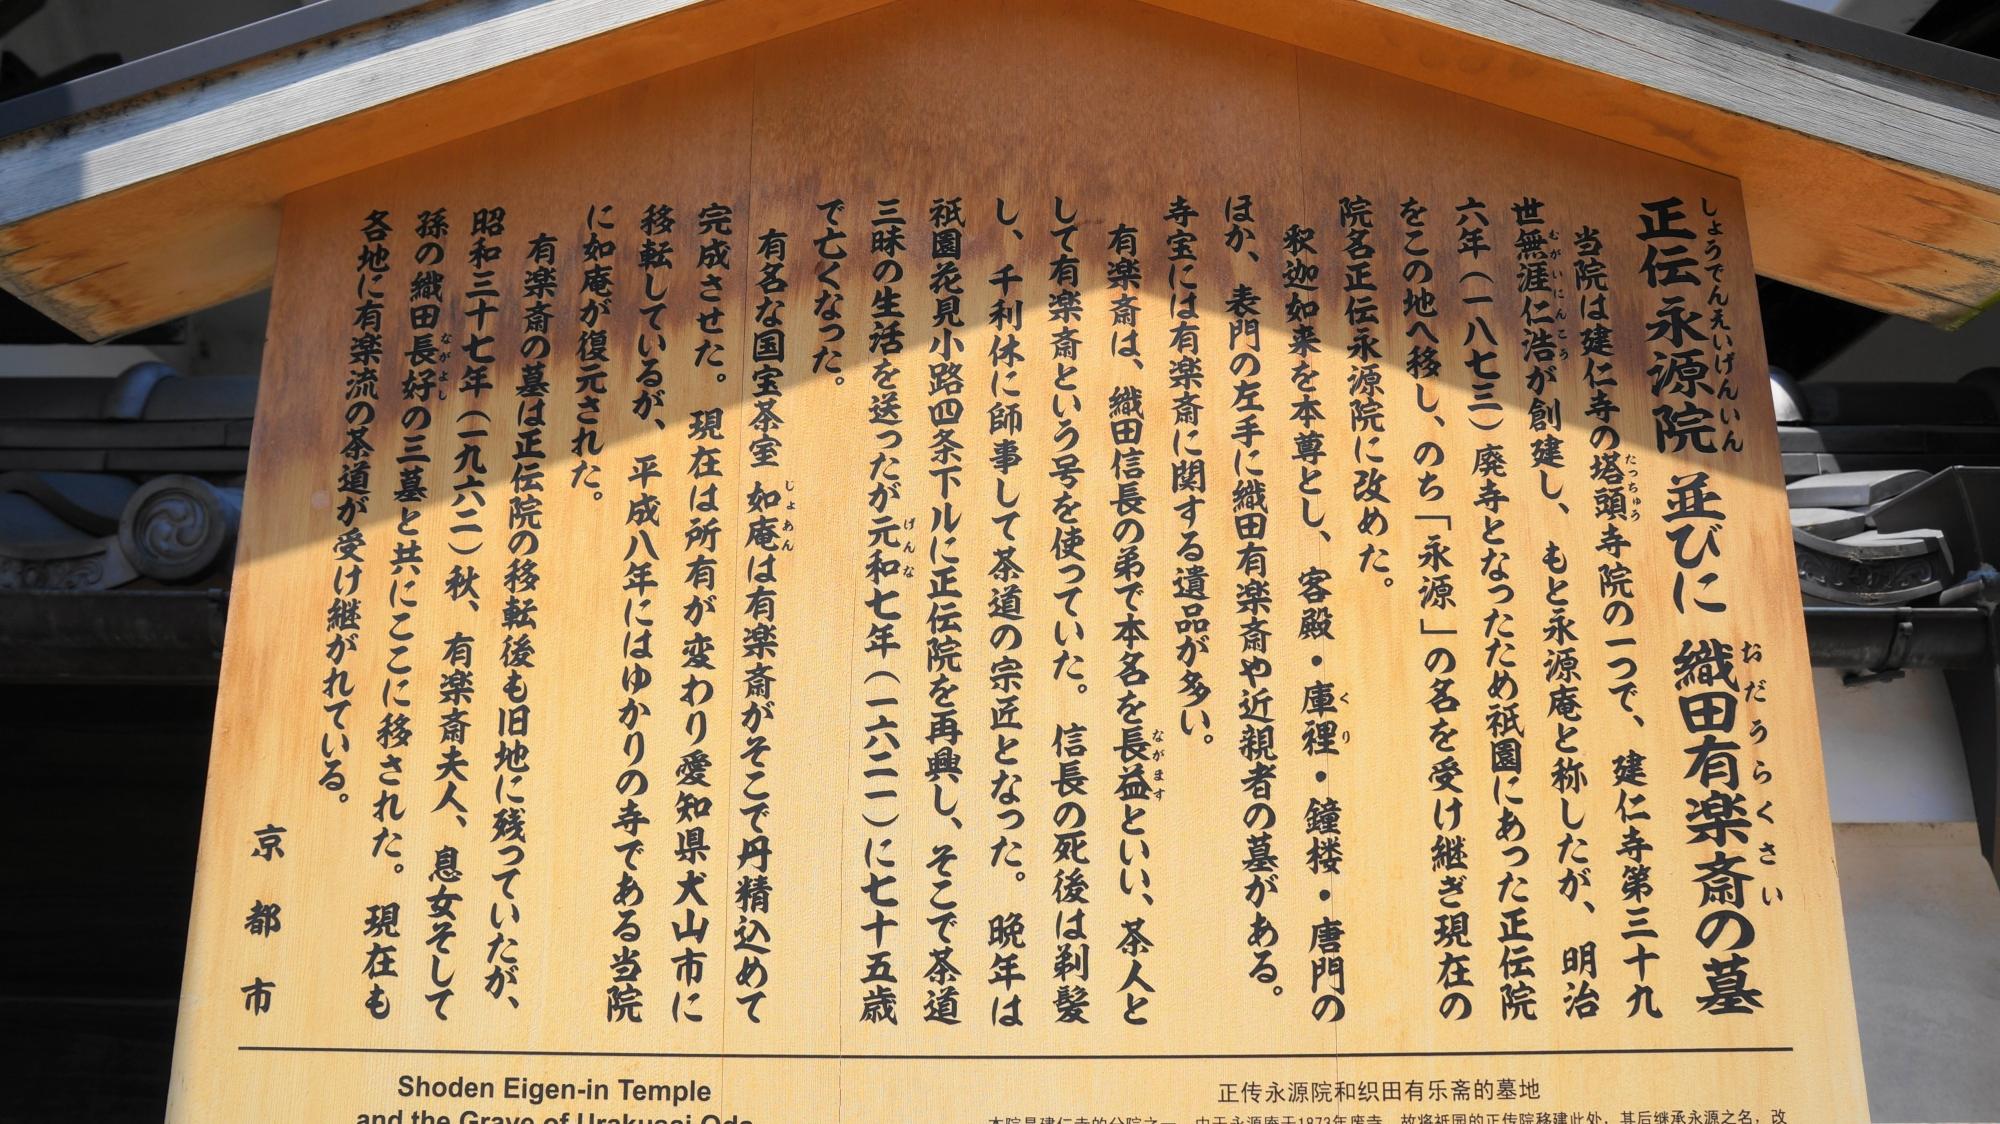 建仁寺塔頭の正伝永源院の説明